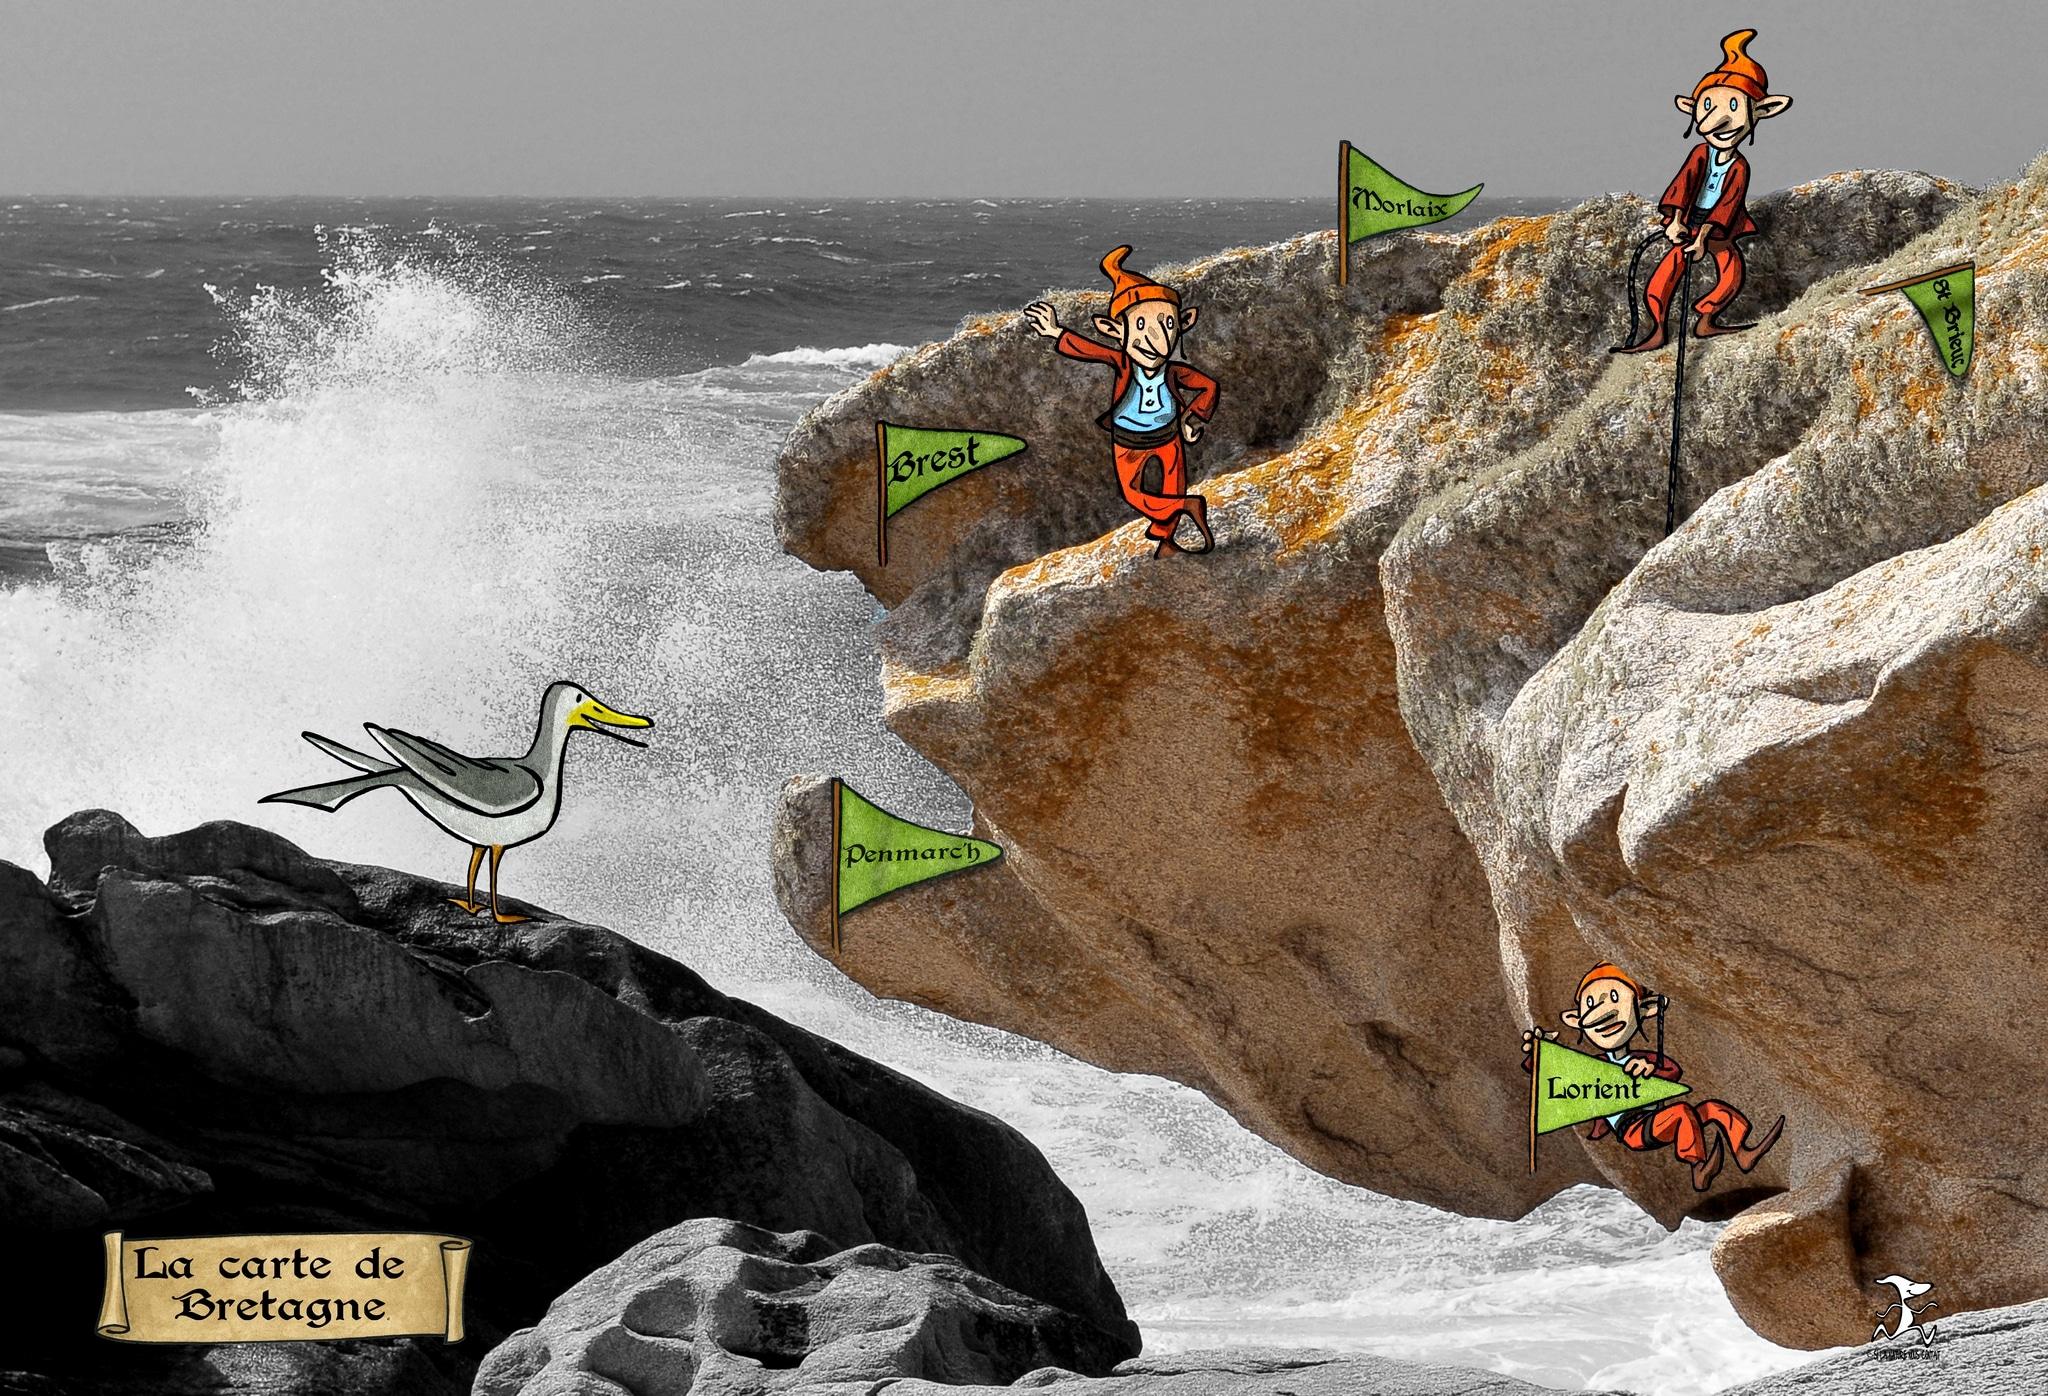 carte bretagne 02 bd dessin penmarc'h dessin julien Lamanda photo damien Journée